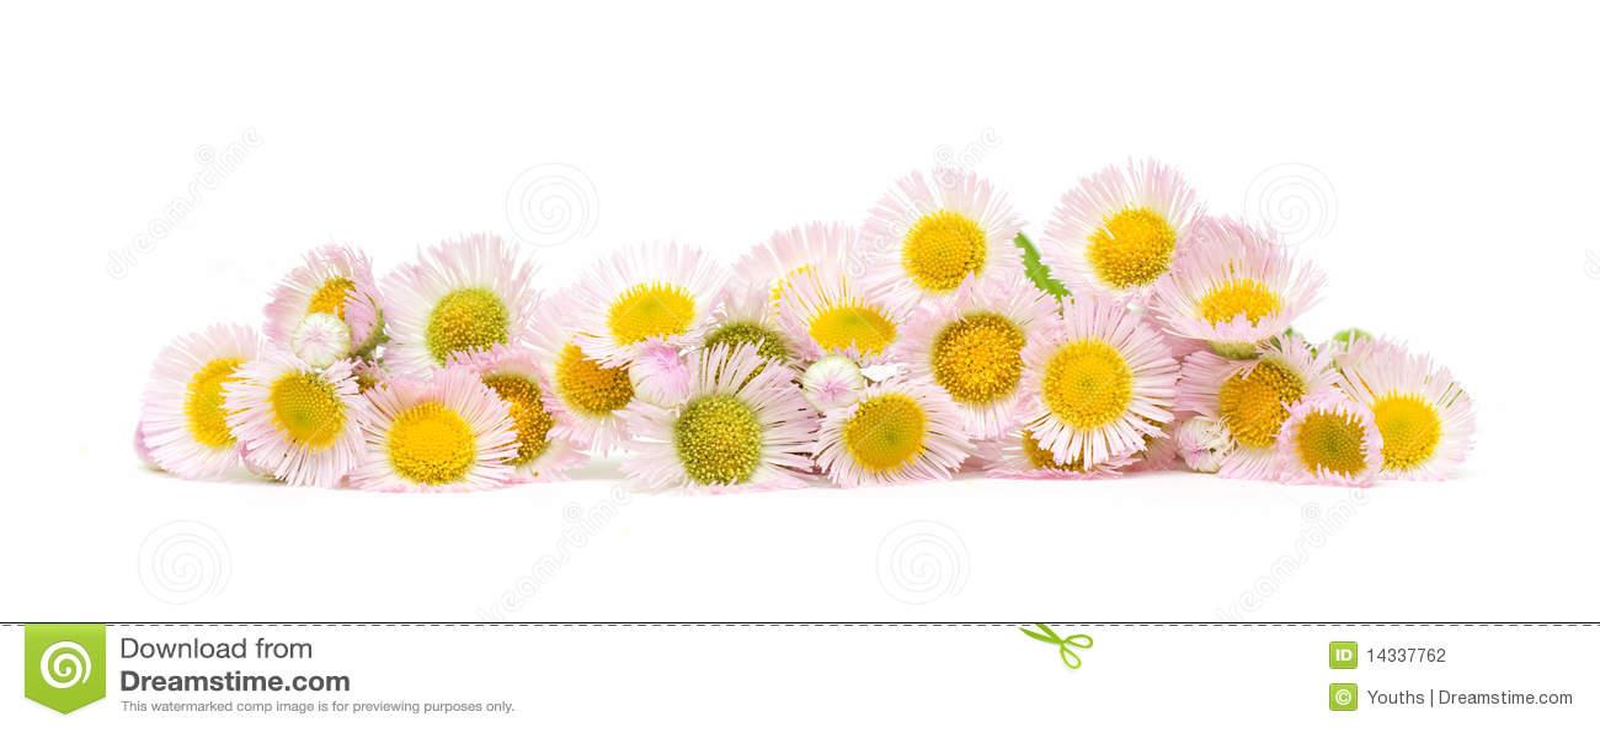 цветки хризантемы